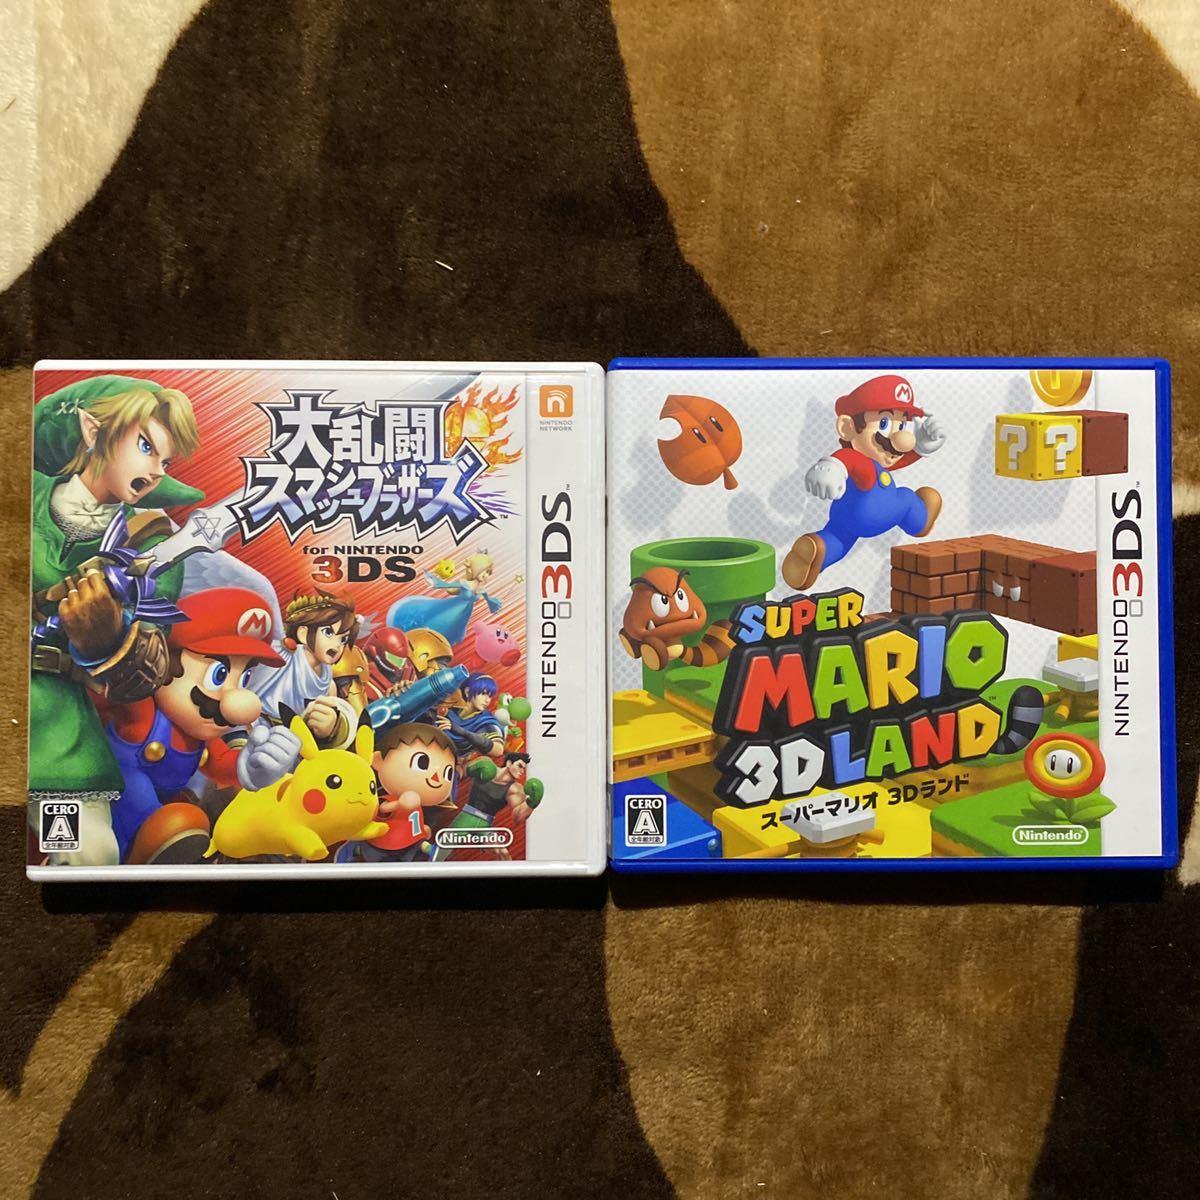 3DS スーパーマリオ3Dランド 大乱闘スマッシュブラザーズfor3DS 2本セット